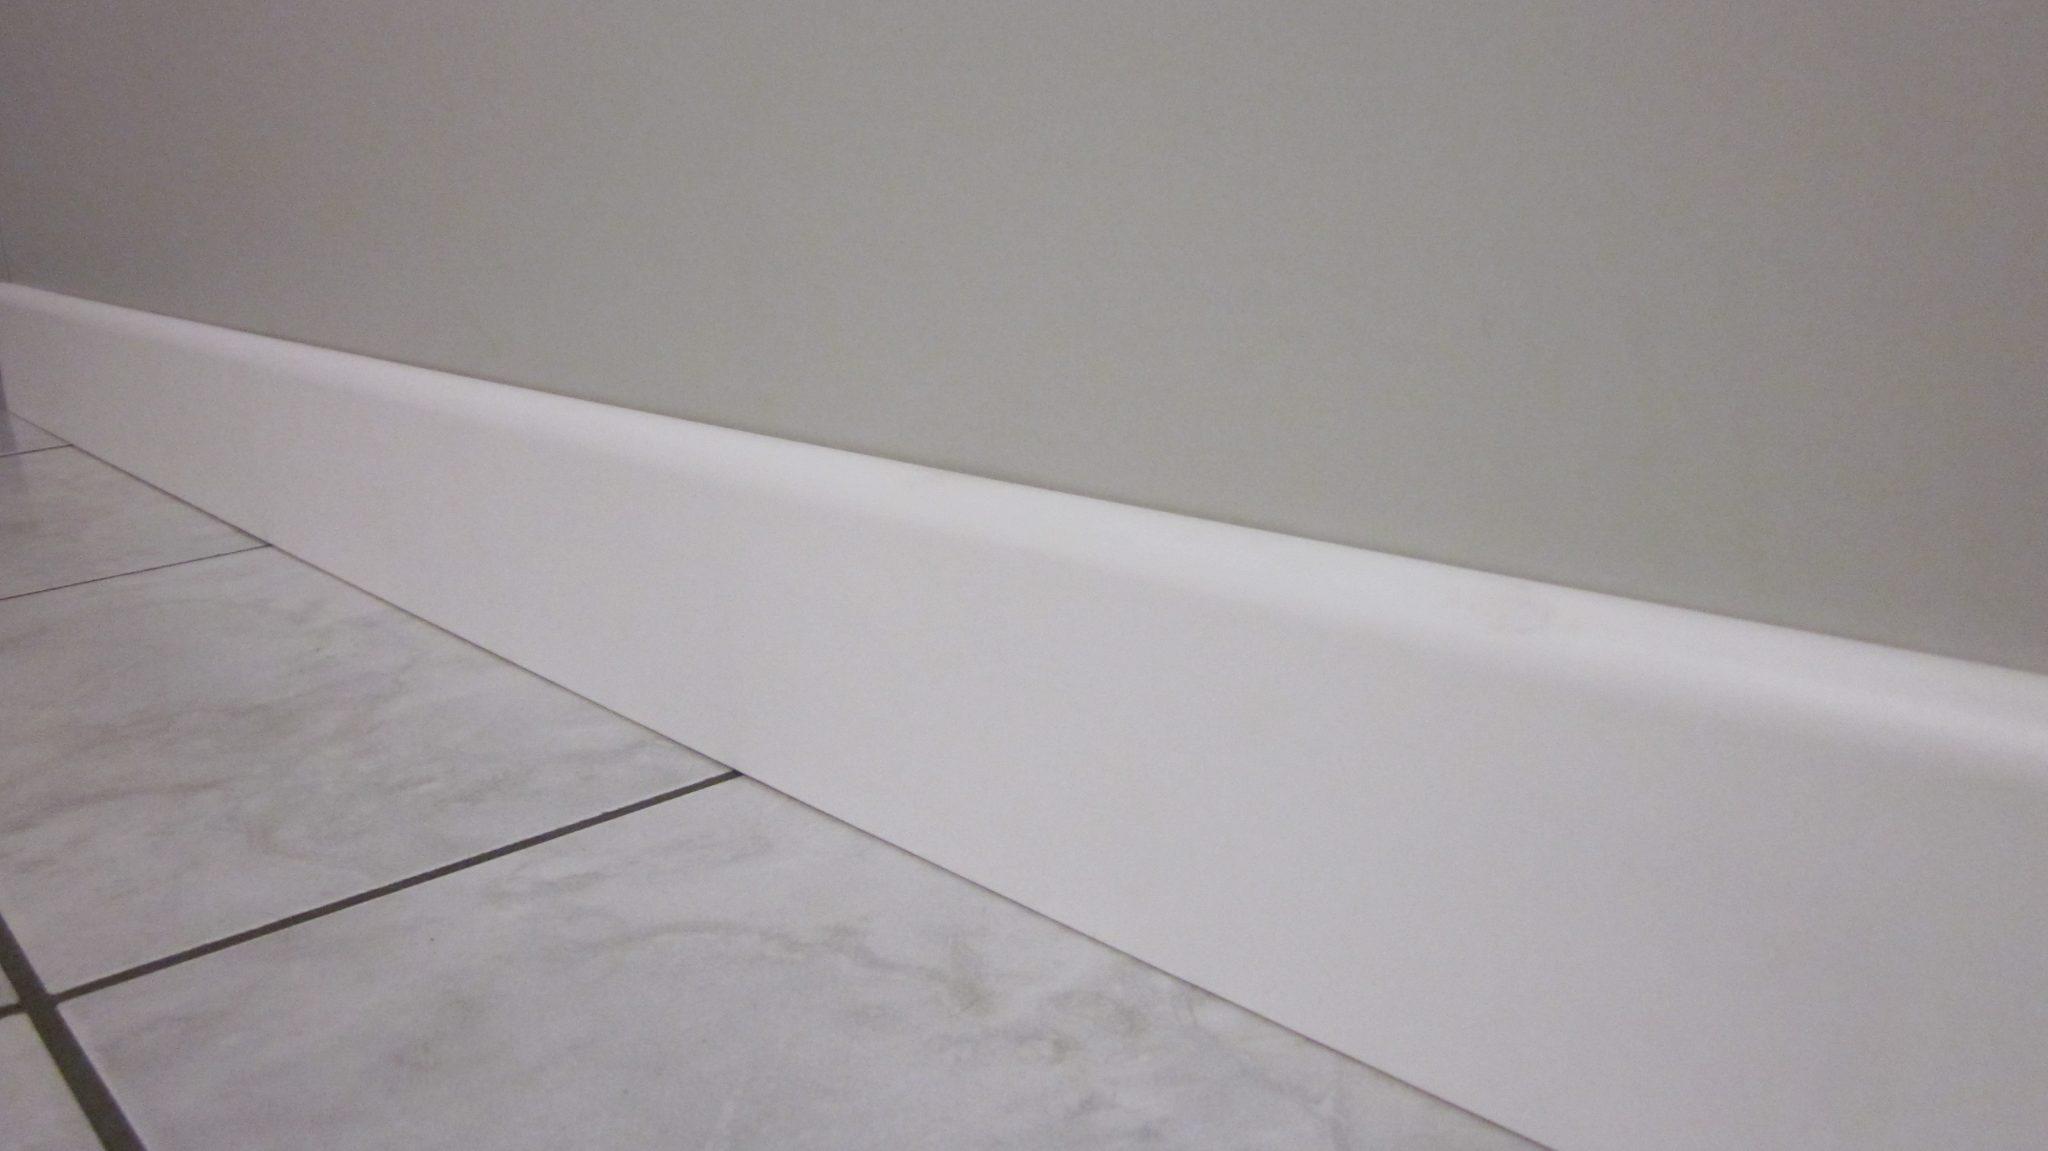 Battiscopa In Legno Bianco battiscopa in legno bianco 7 cm - mdf impiallacciato in carta melaminica